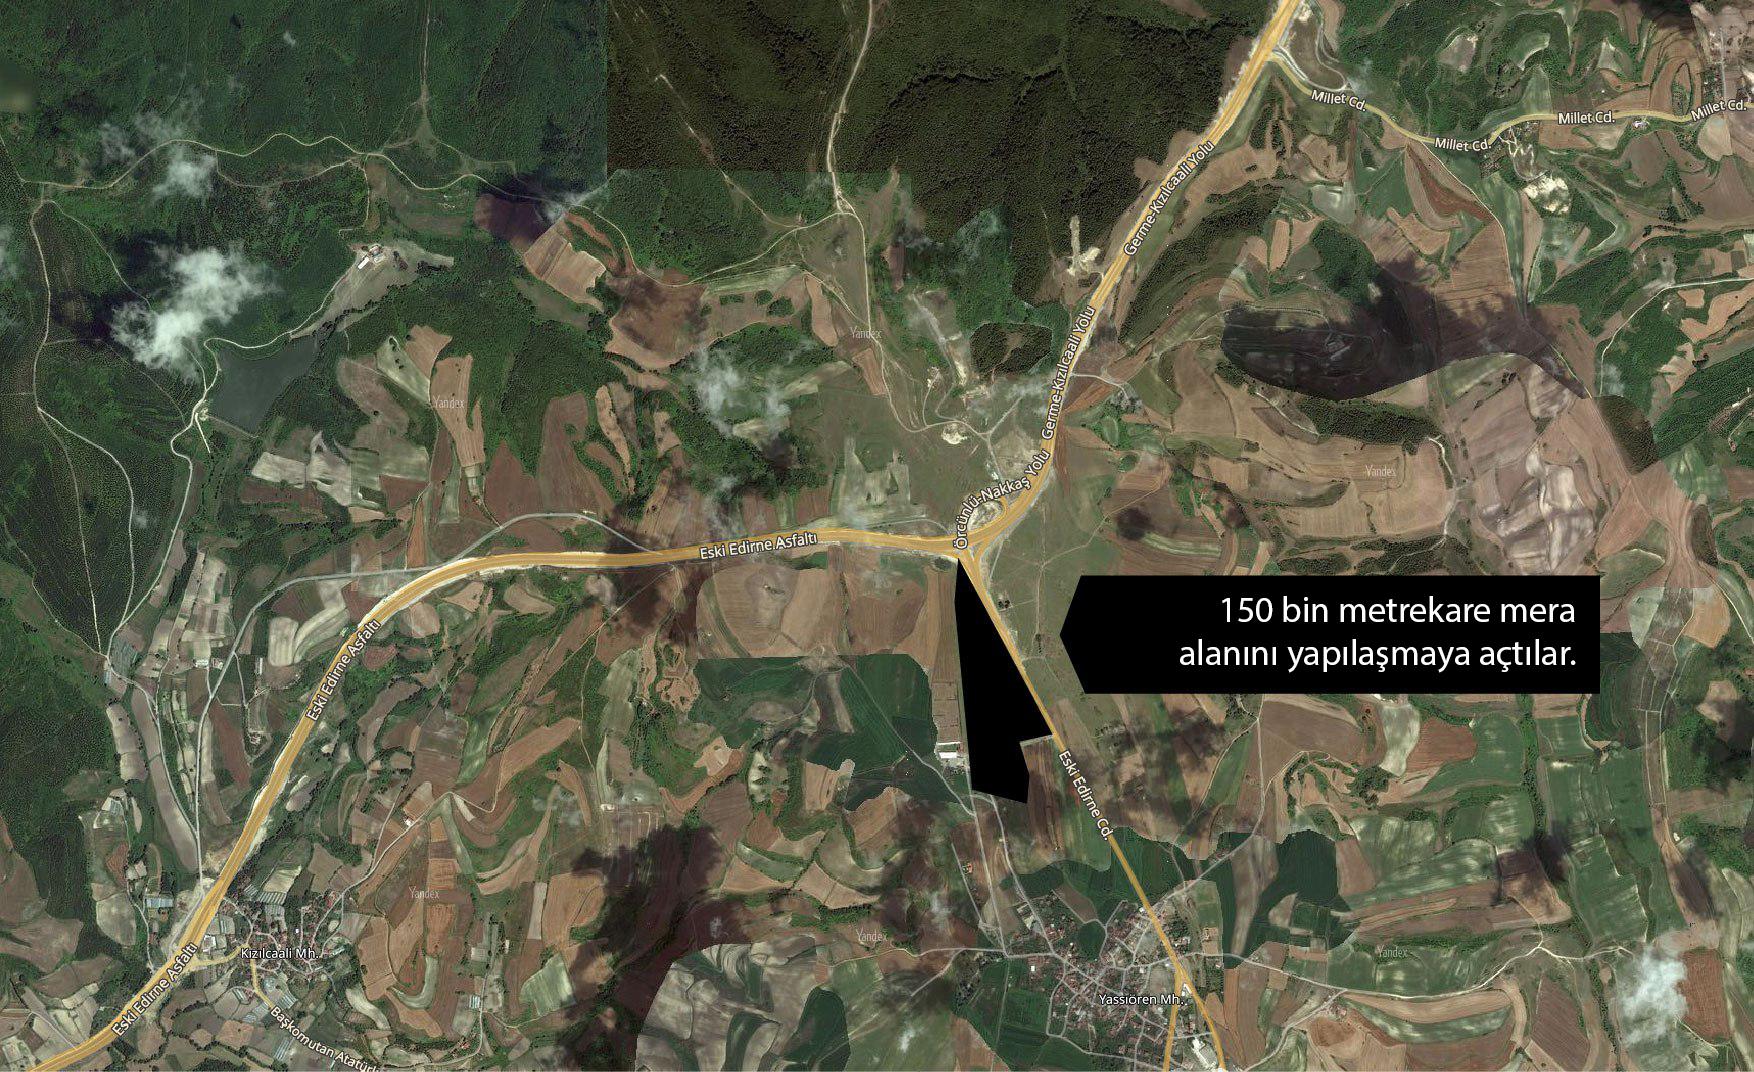 Kuzey Ormanları'nın Yassıören Köyü'ndeki 150 bin metrekarelik mera alanını yapılaşmaya açtılar!